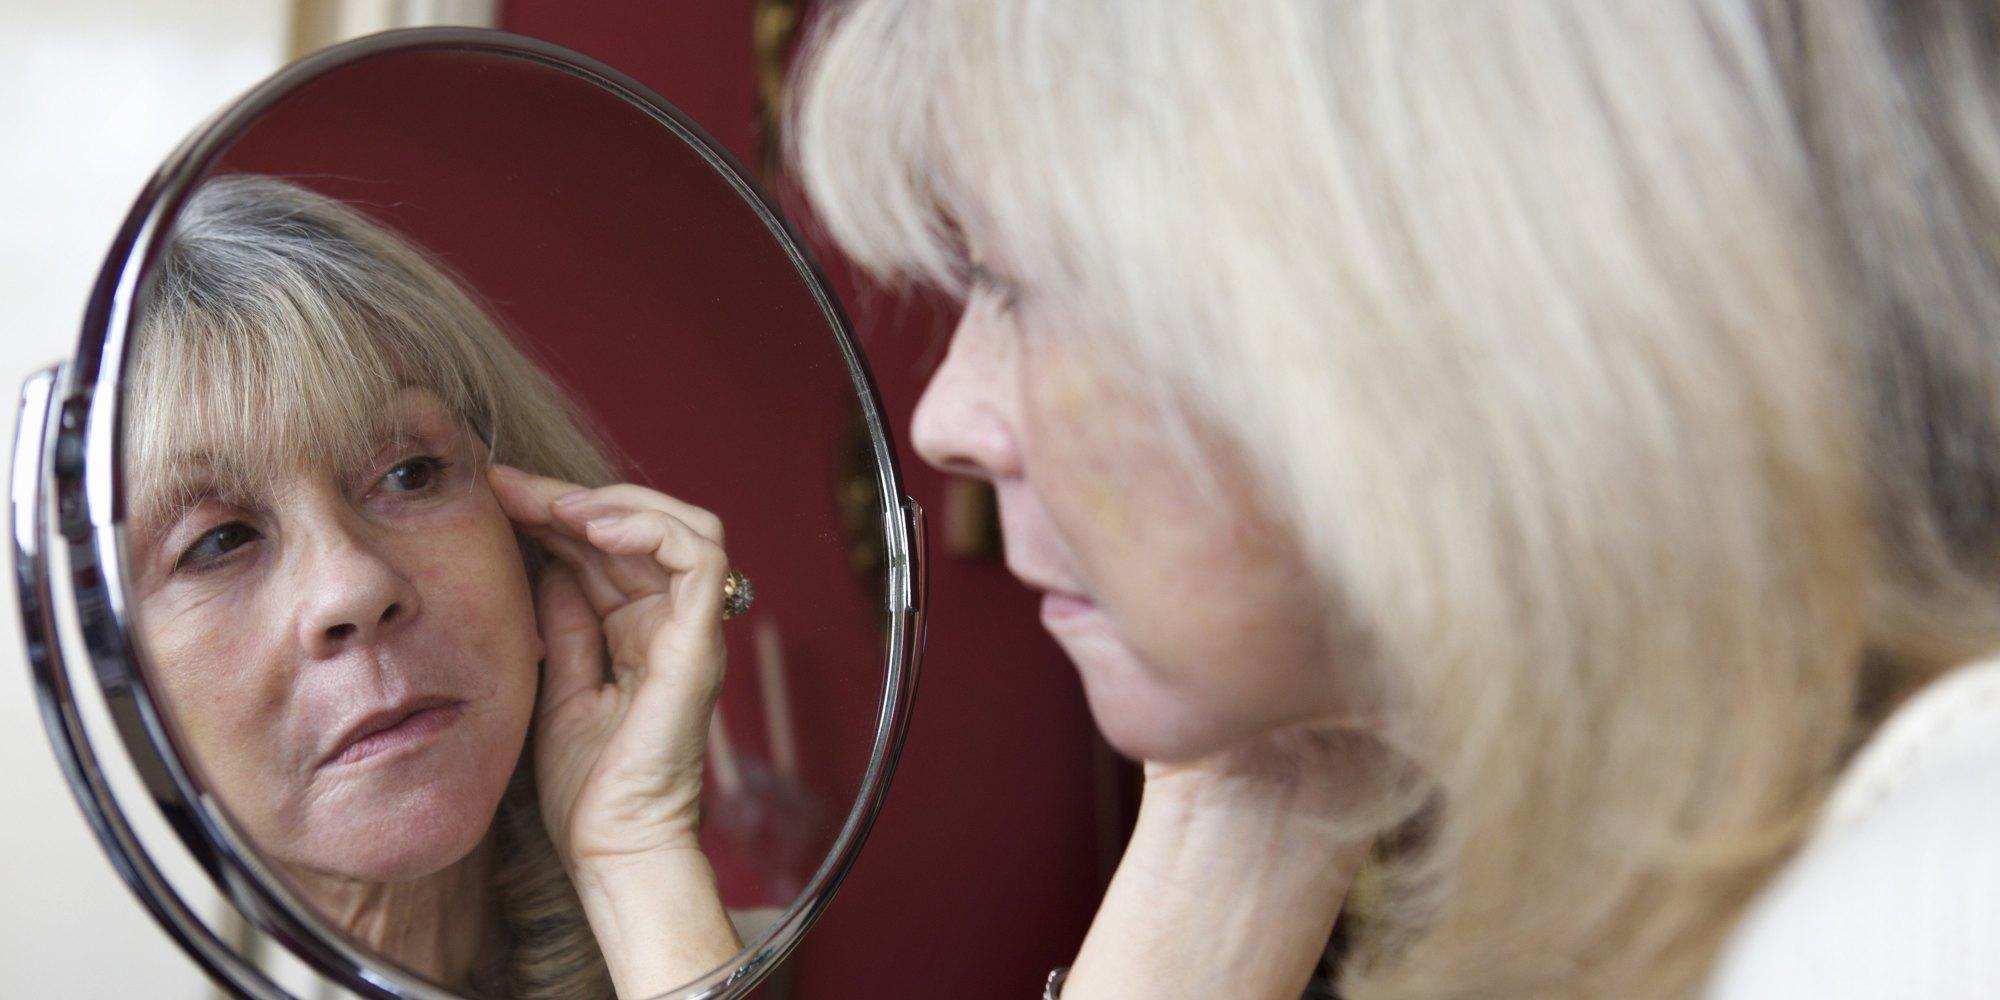 o-OLDER-WOMAN-LOOKING-IN-MIRROR-facebook.jpg